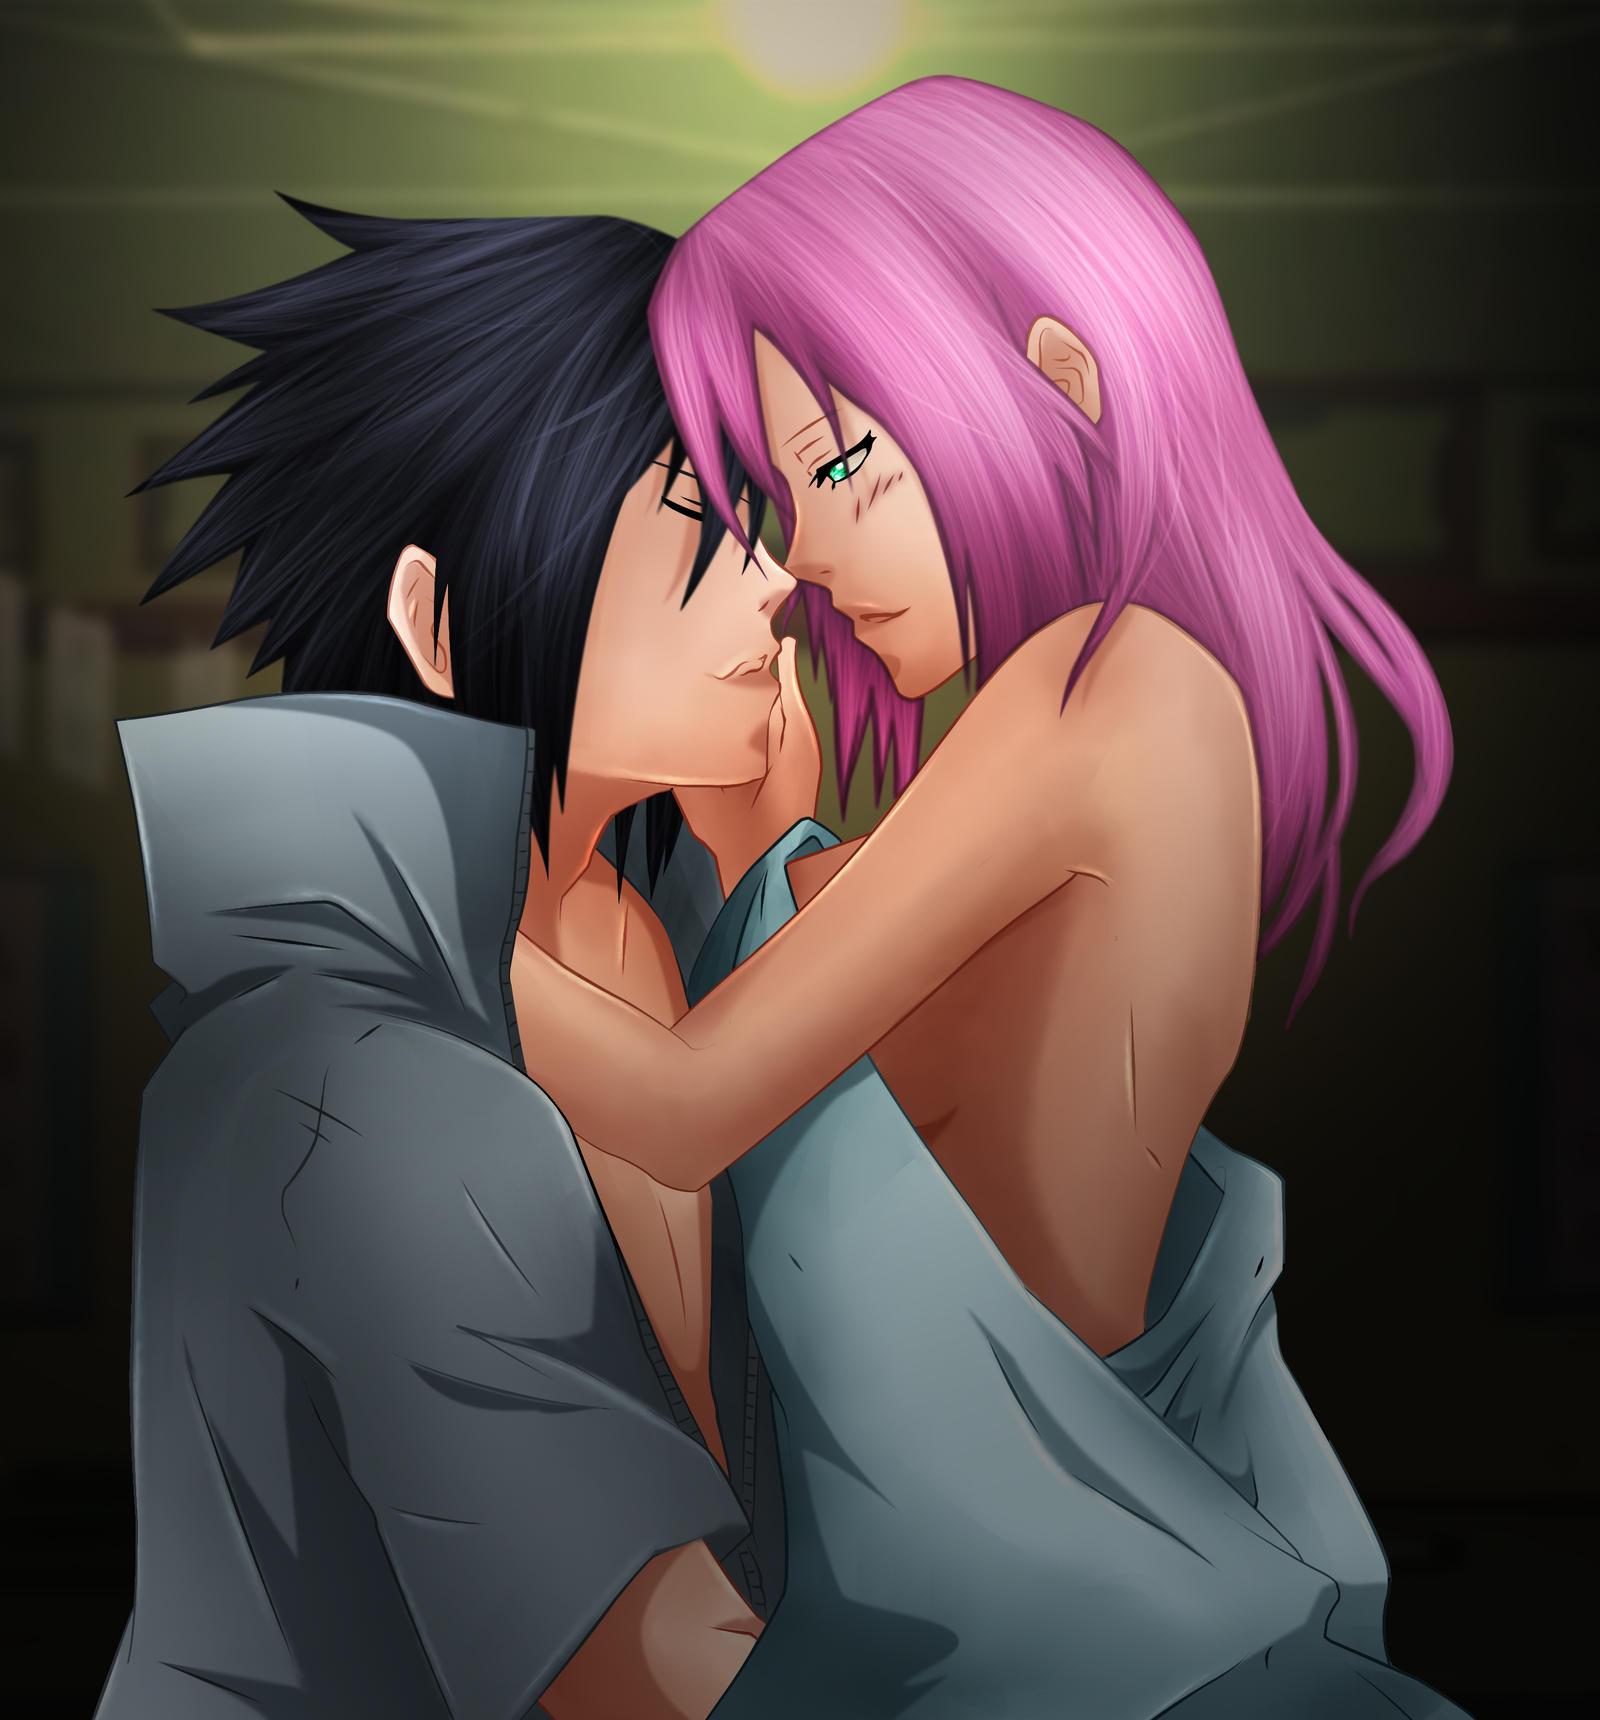 Free Sasuke Porn Pics and Sasuke Pictures - SEXCOM